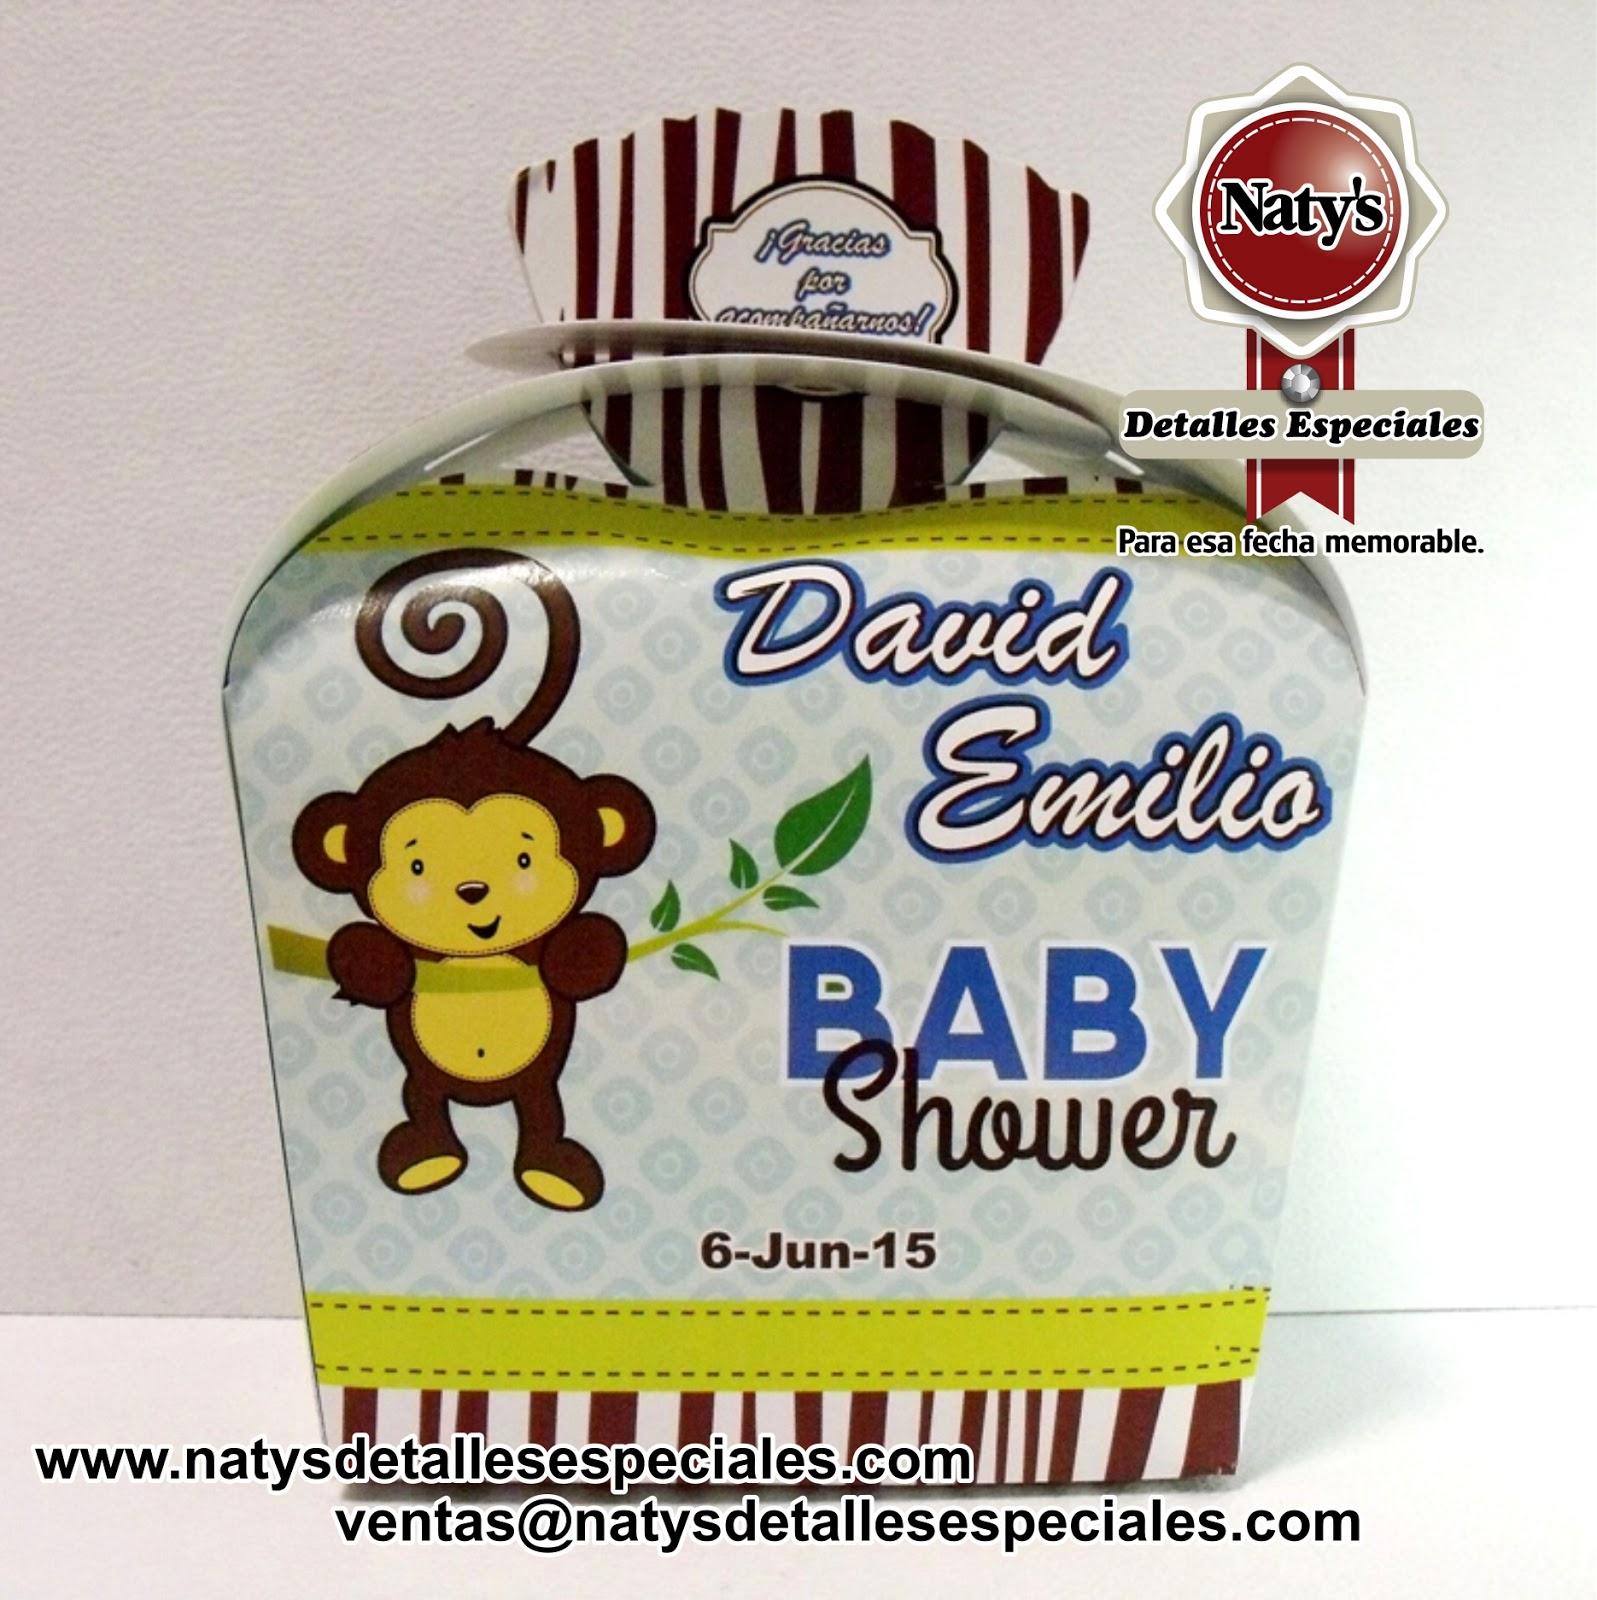 Natys detalles especiales para esa fecha memorable detalles especiales para baby shower - Detalles para baby shower ...